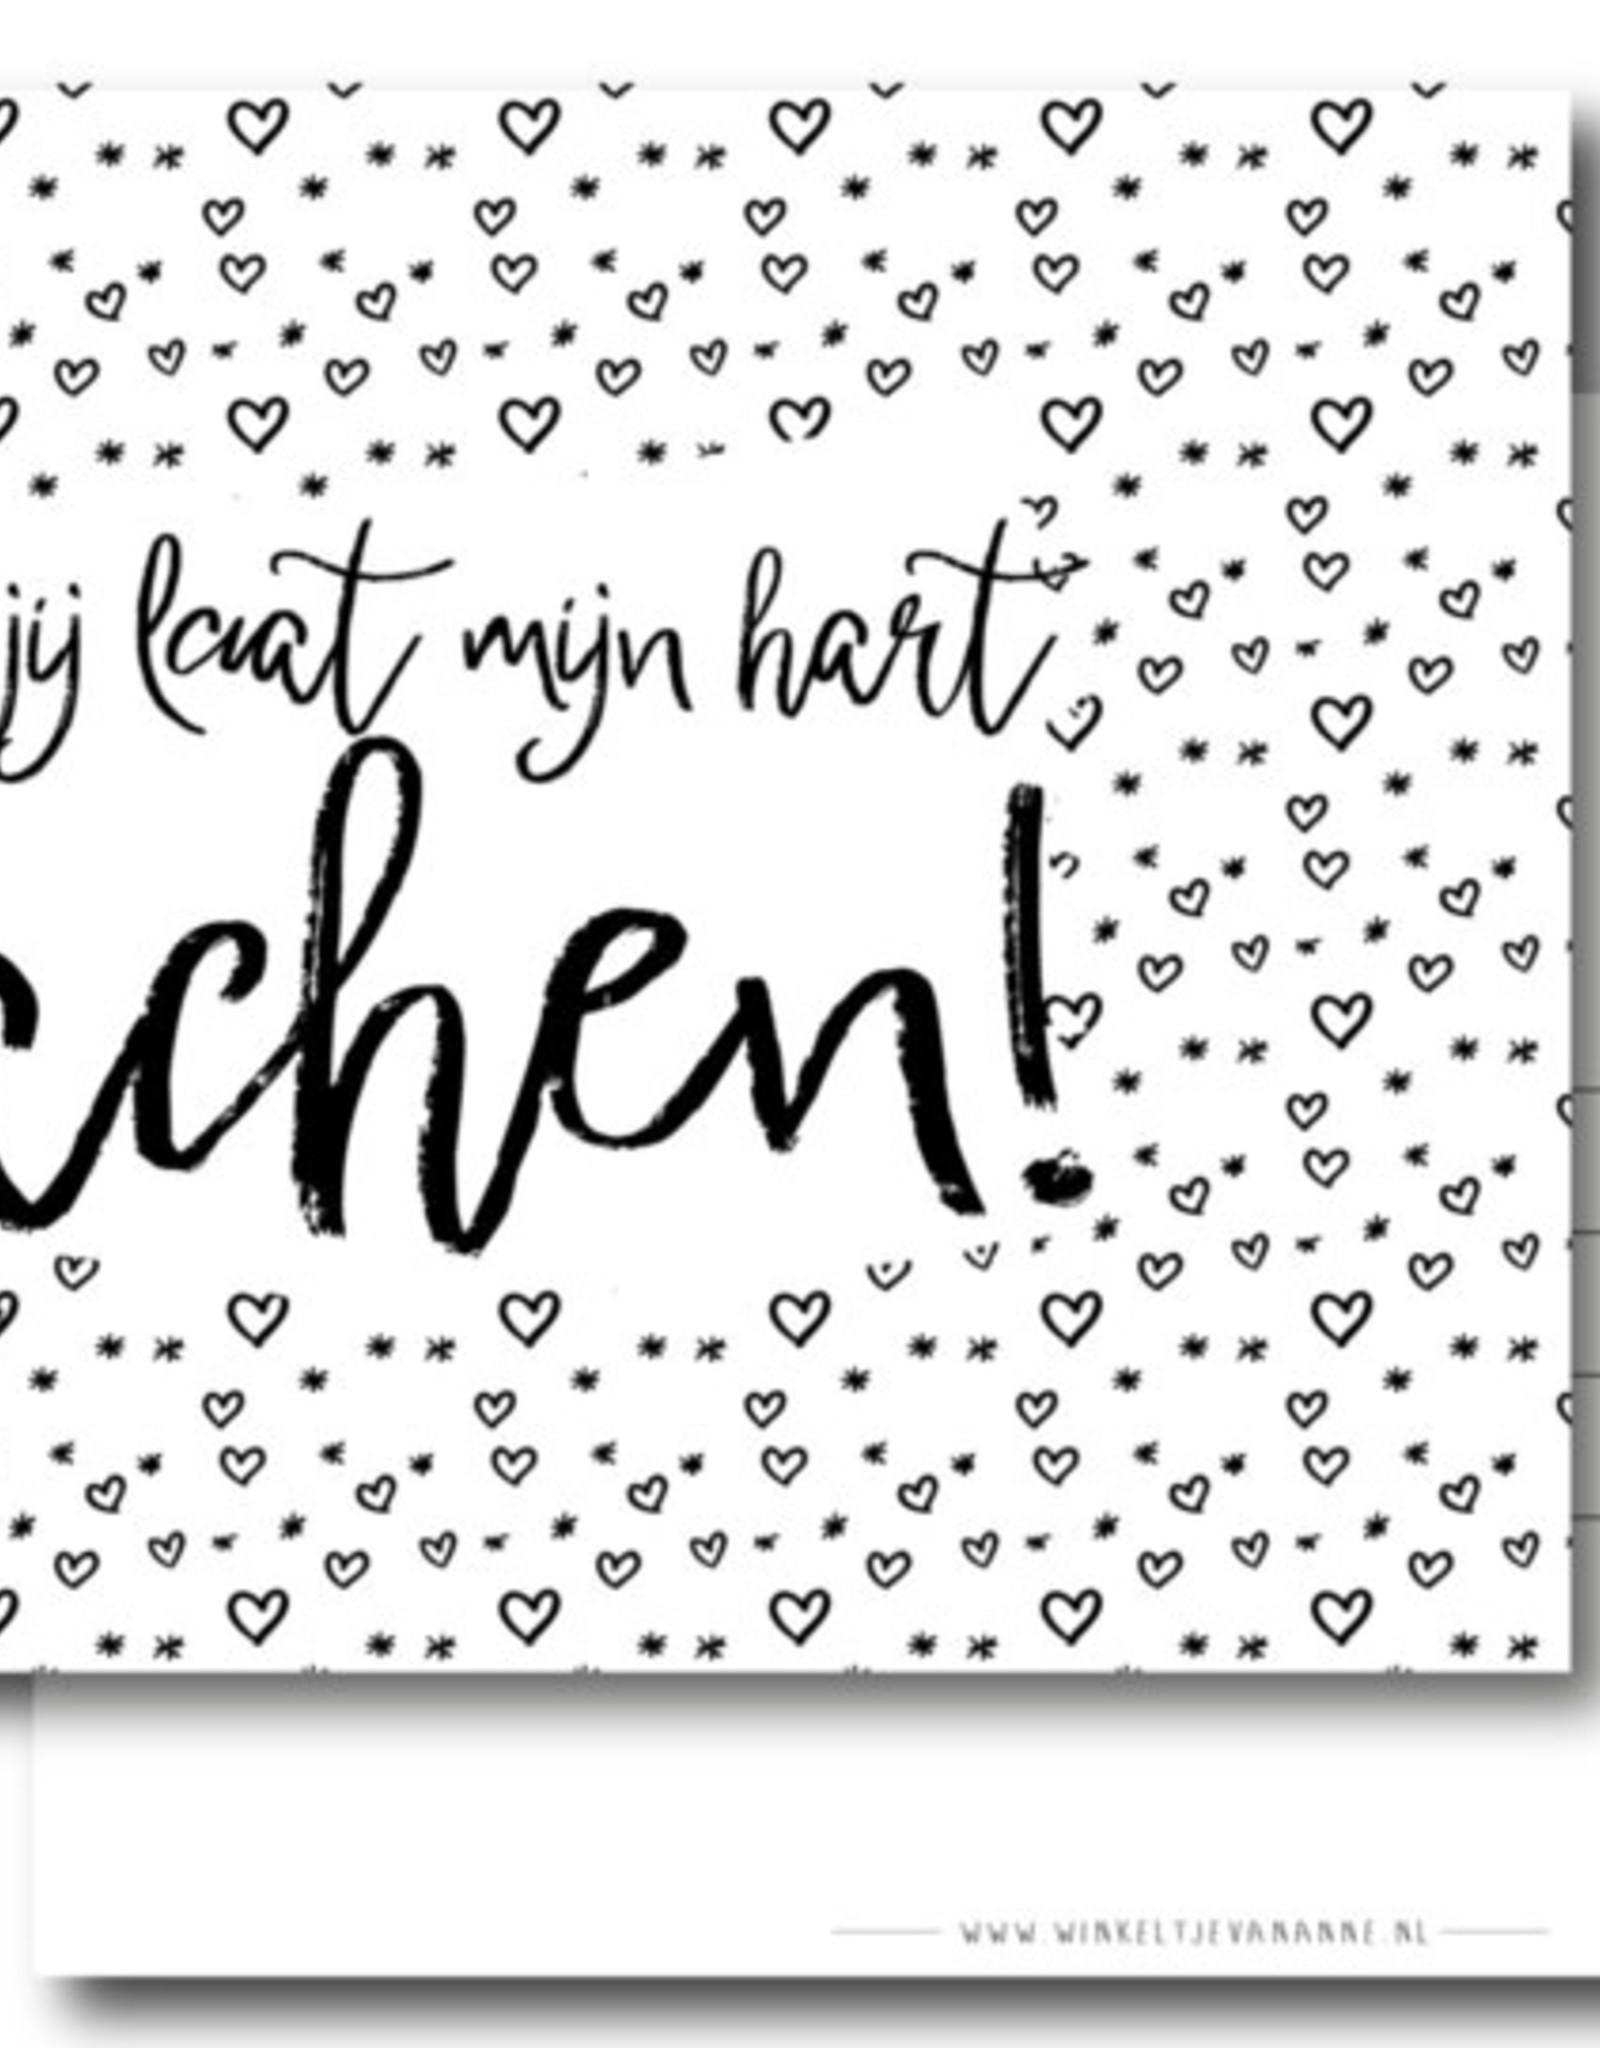 Winkeltje van Anne kaart a6 winkeltje van anne: jij laat mijn hart lachen!